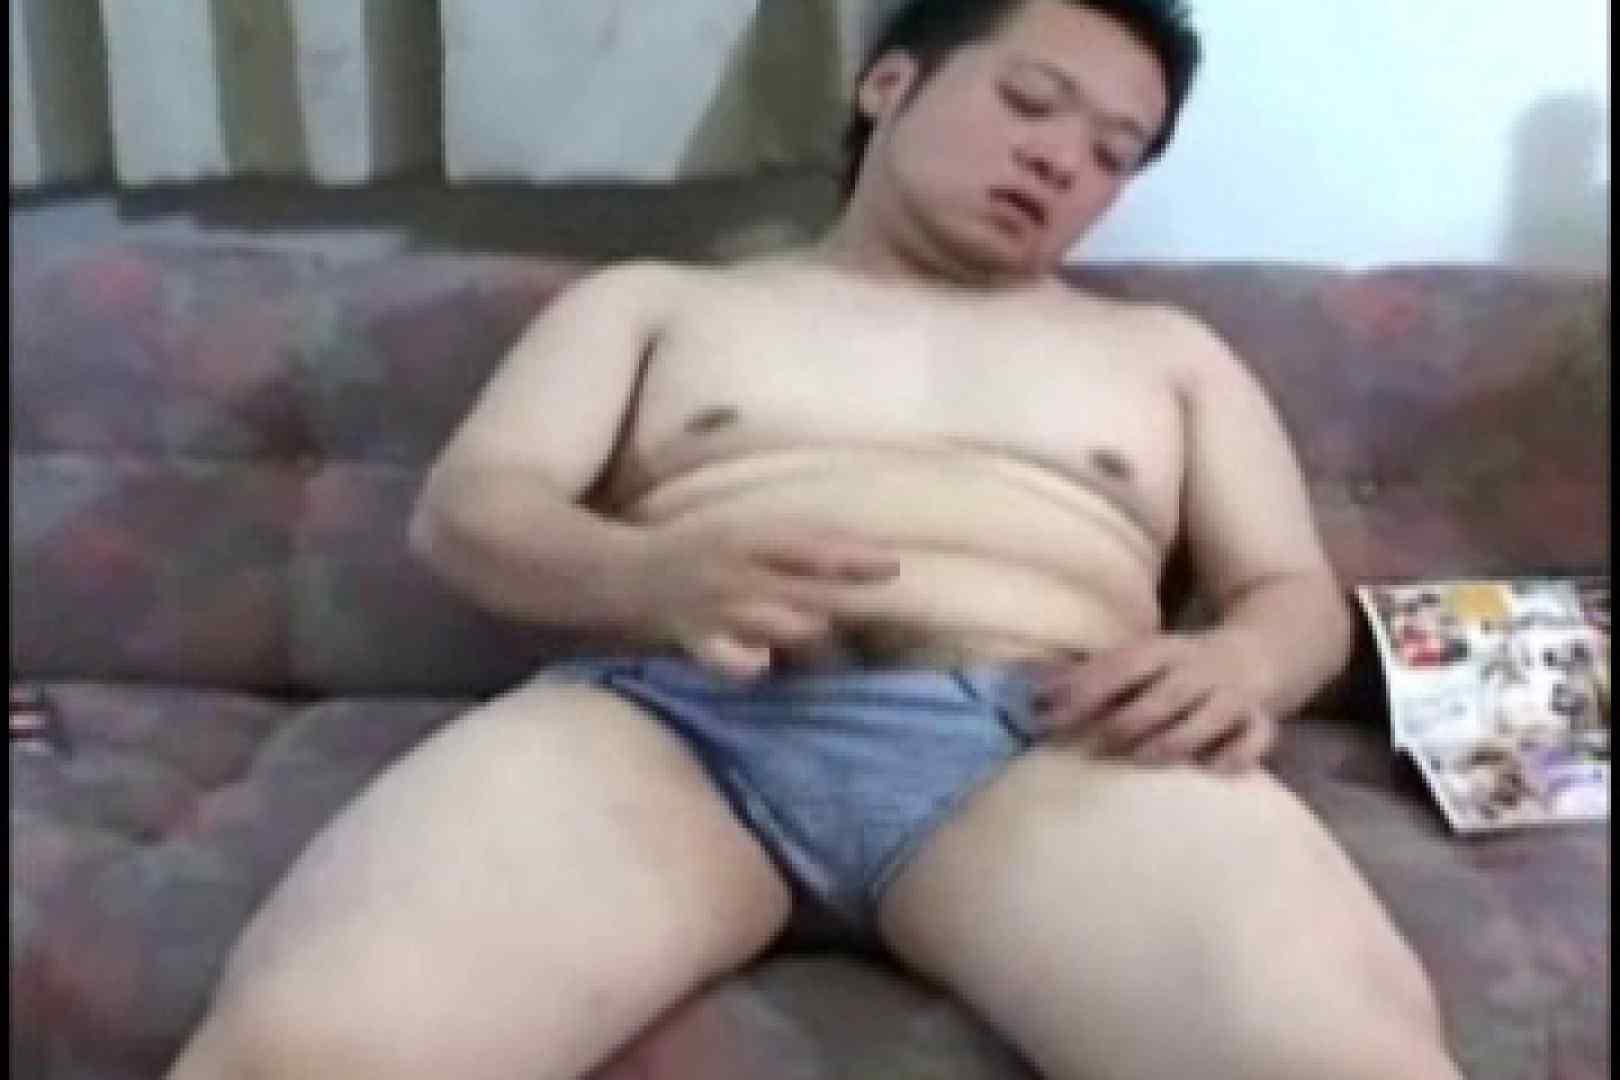 小太りボーイの孫の手オナニー シコシコ 男同士動画 70画像 41